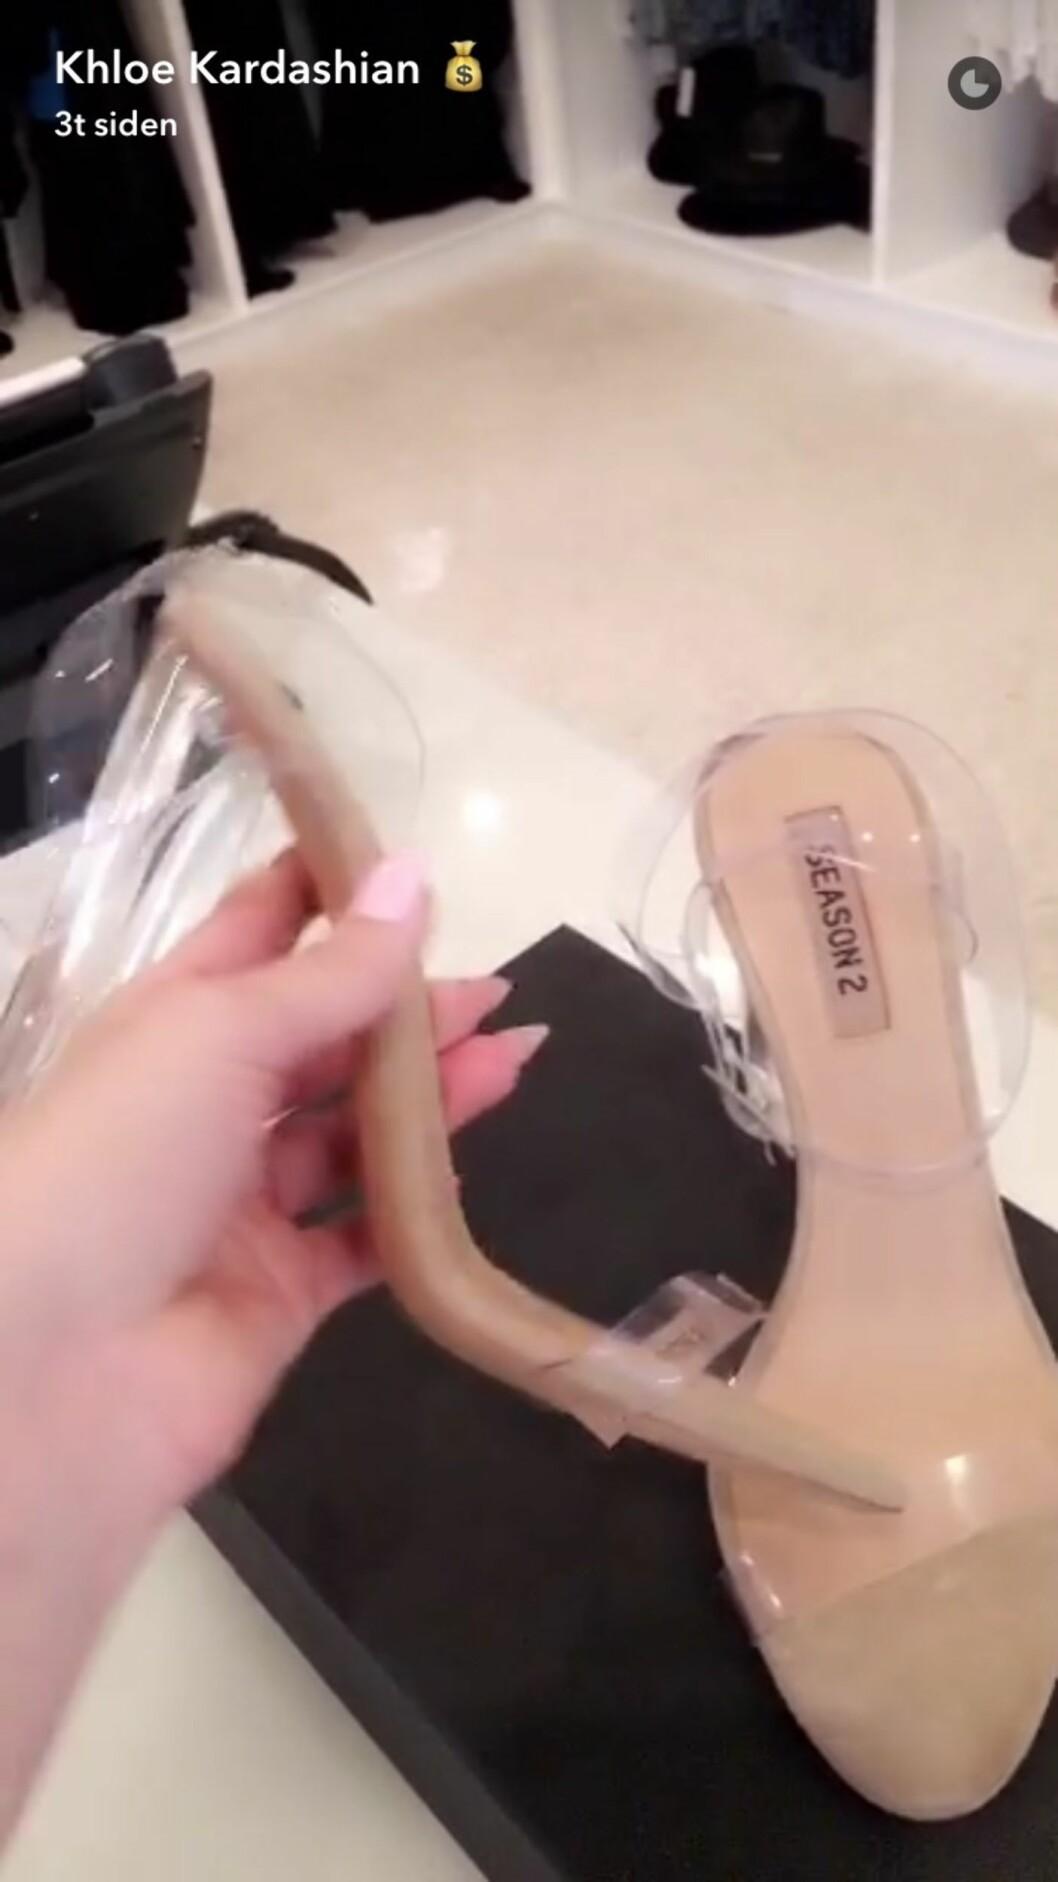 NYE SKO: Kanye West vil nok at flere enn kona Kim skal gå med de gjennomsiktige skoene fra kolleksjonen hans. Da er det jo fryktelig greit å sende et par til svigersøster som deler det med sine mange millioner følgere på Snapchat! Foto: Skjermdump fra Snapchat / Khloe Kardashian